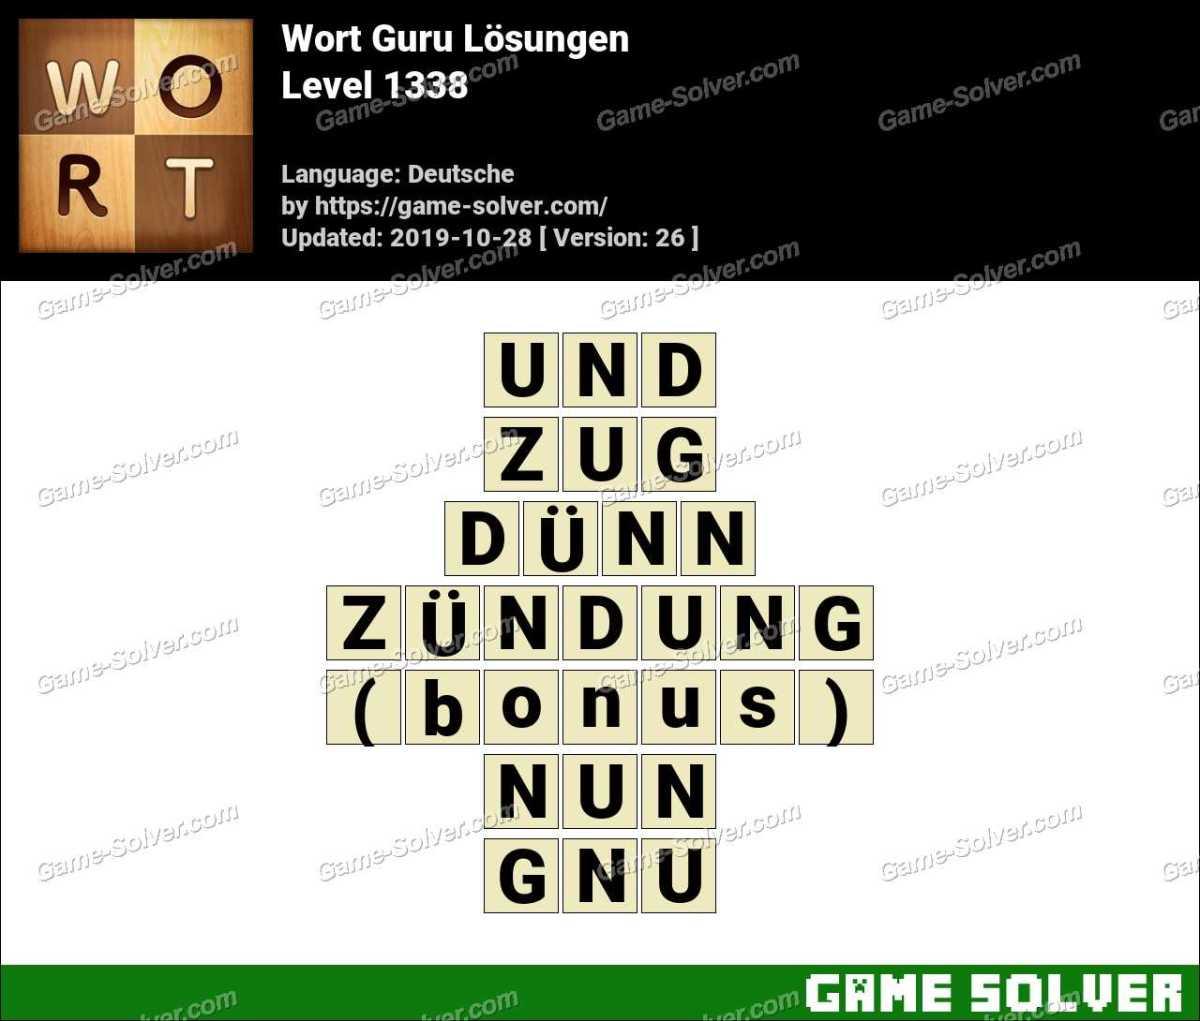 Wort Guru Level 1338 Lösungen